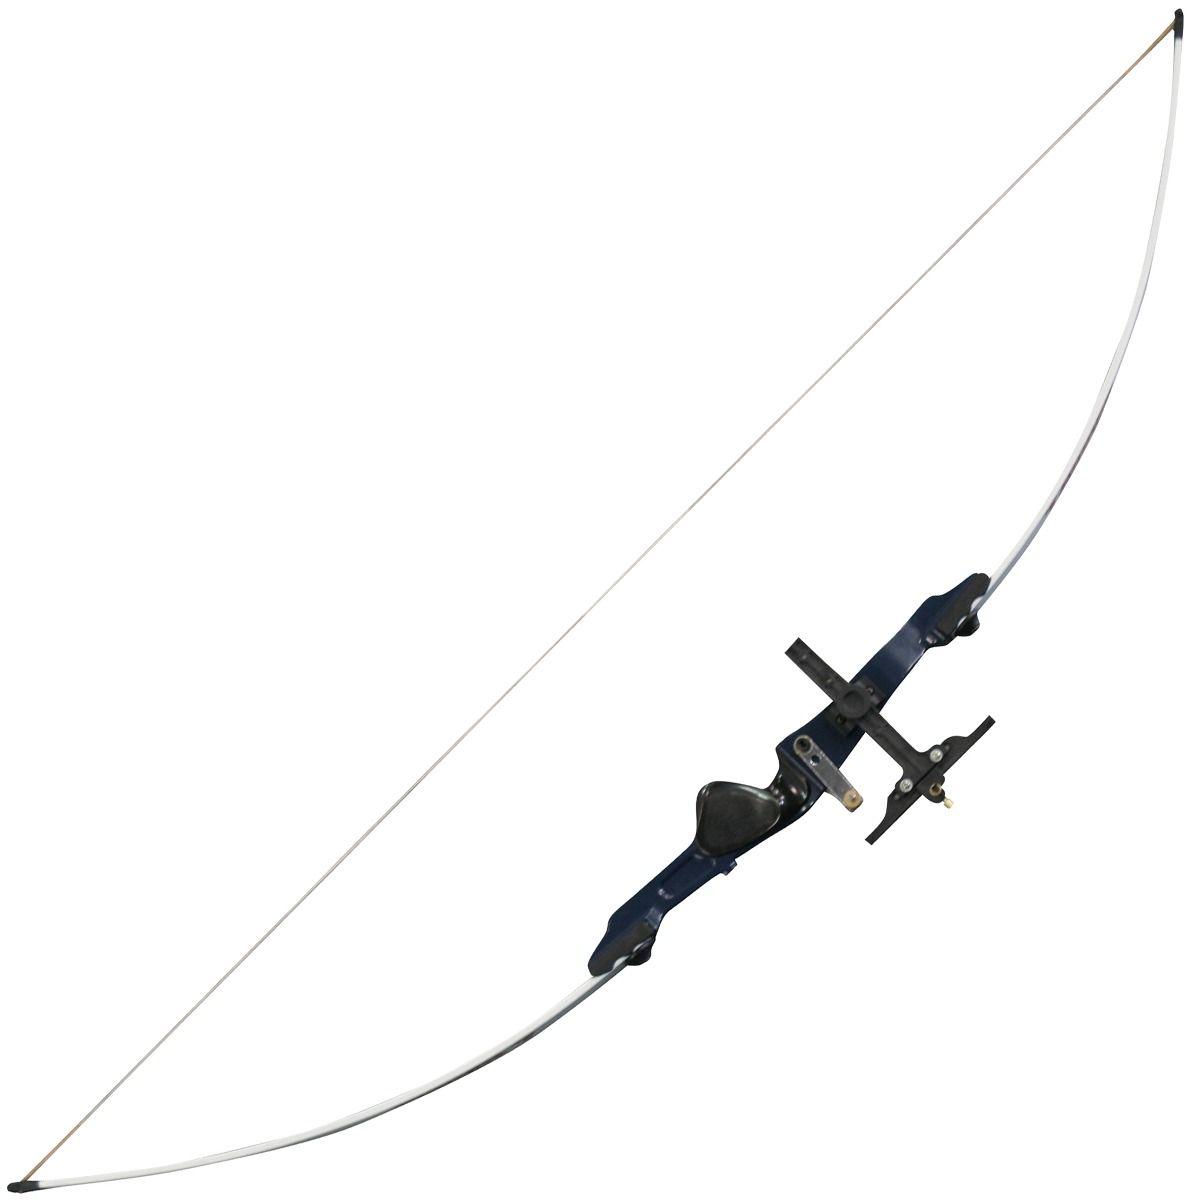 Arco Balanceado 48 lbs - Xavante